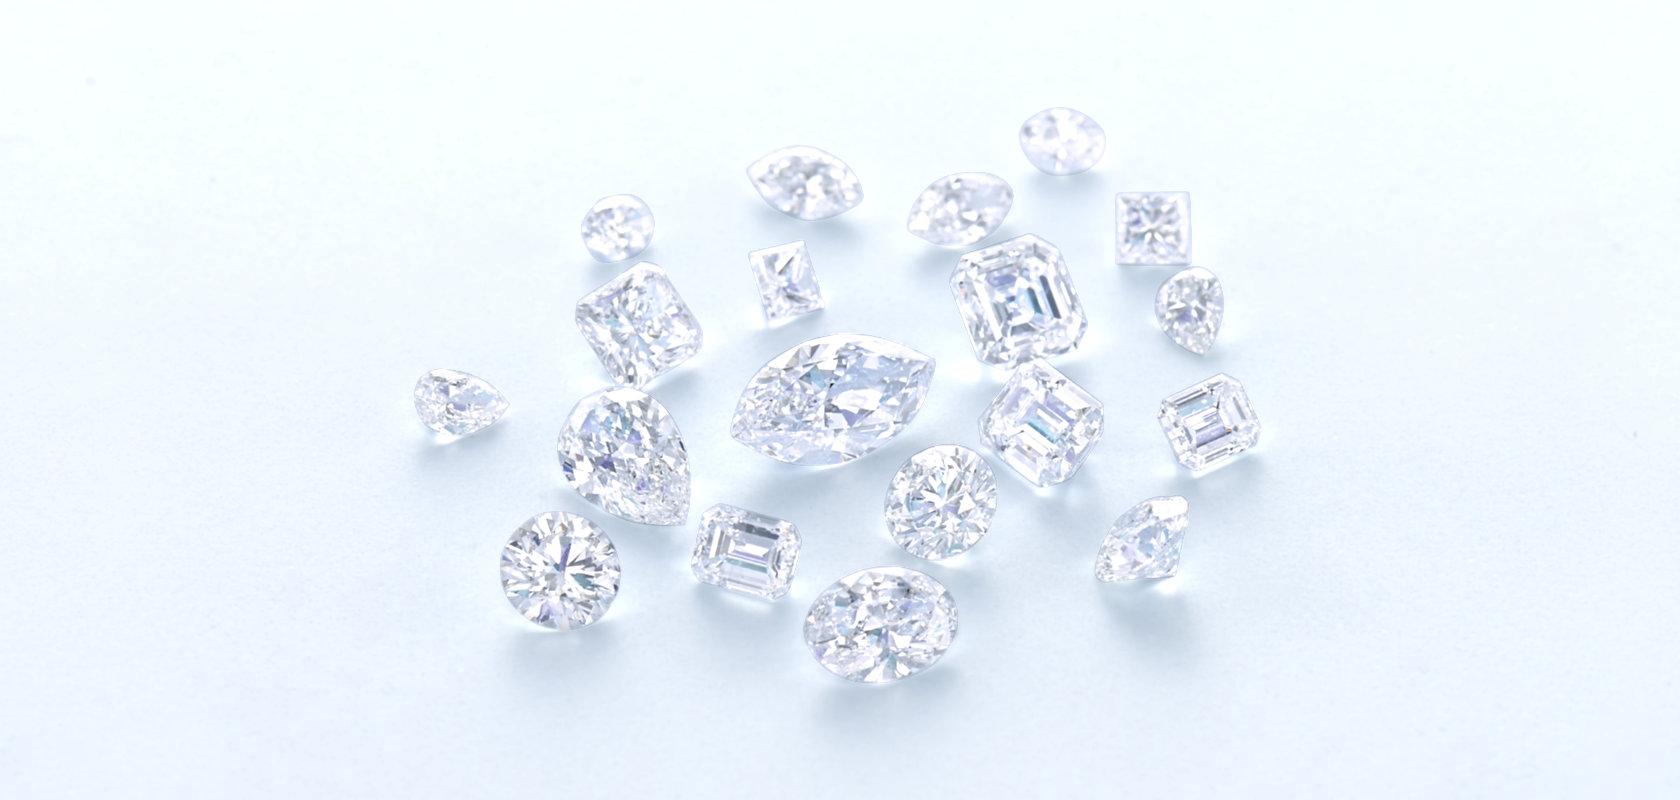 Diamond Education, Image of Diamond Polish